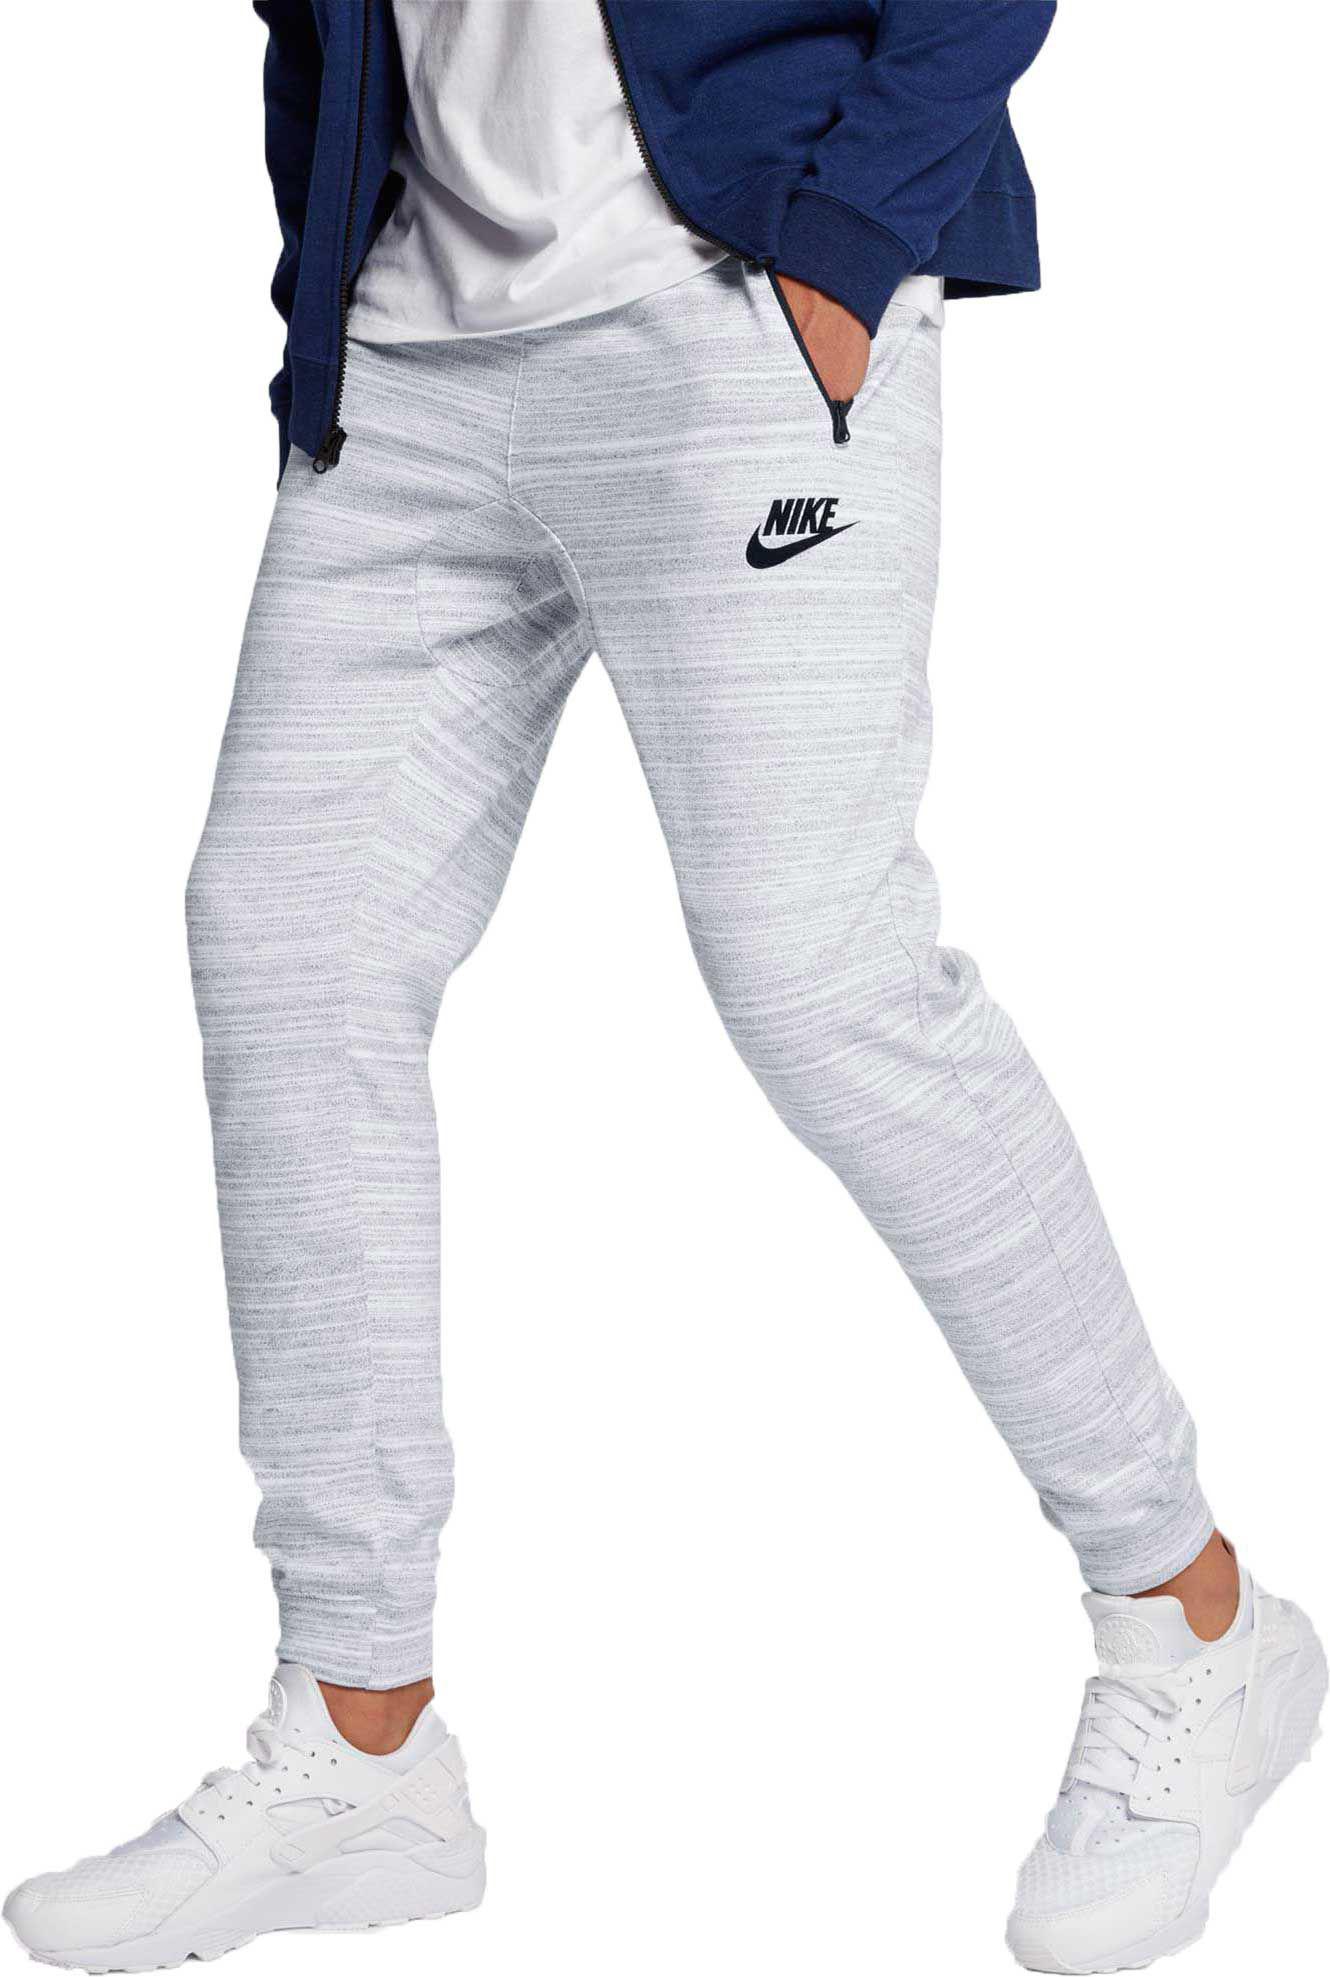 546237cbbe1b Lyst - Nike Sportswear Advance 15 Knit Joggers for Men